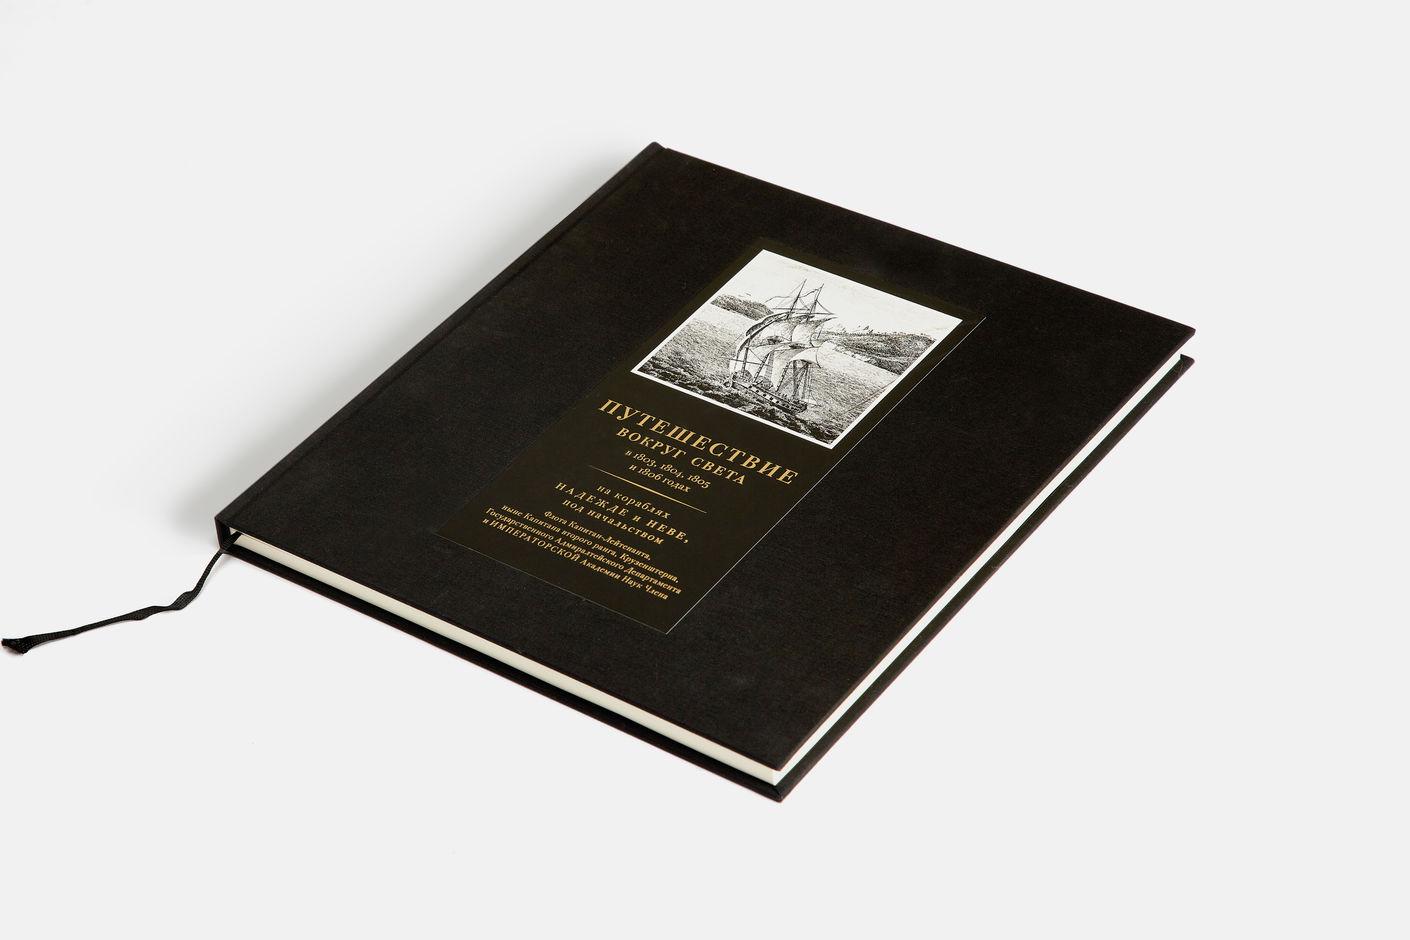 Подарочная книга Путешествие вокруг света в 1803-1806 годах, 2016, Агей Томеш